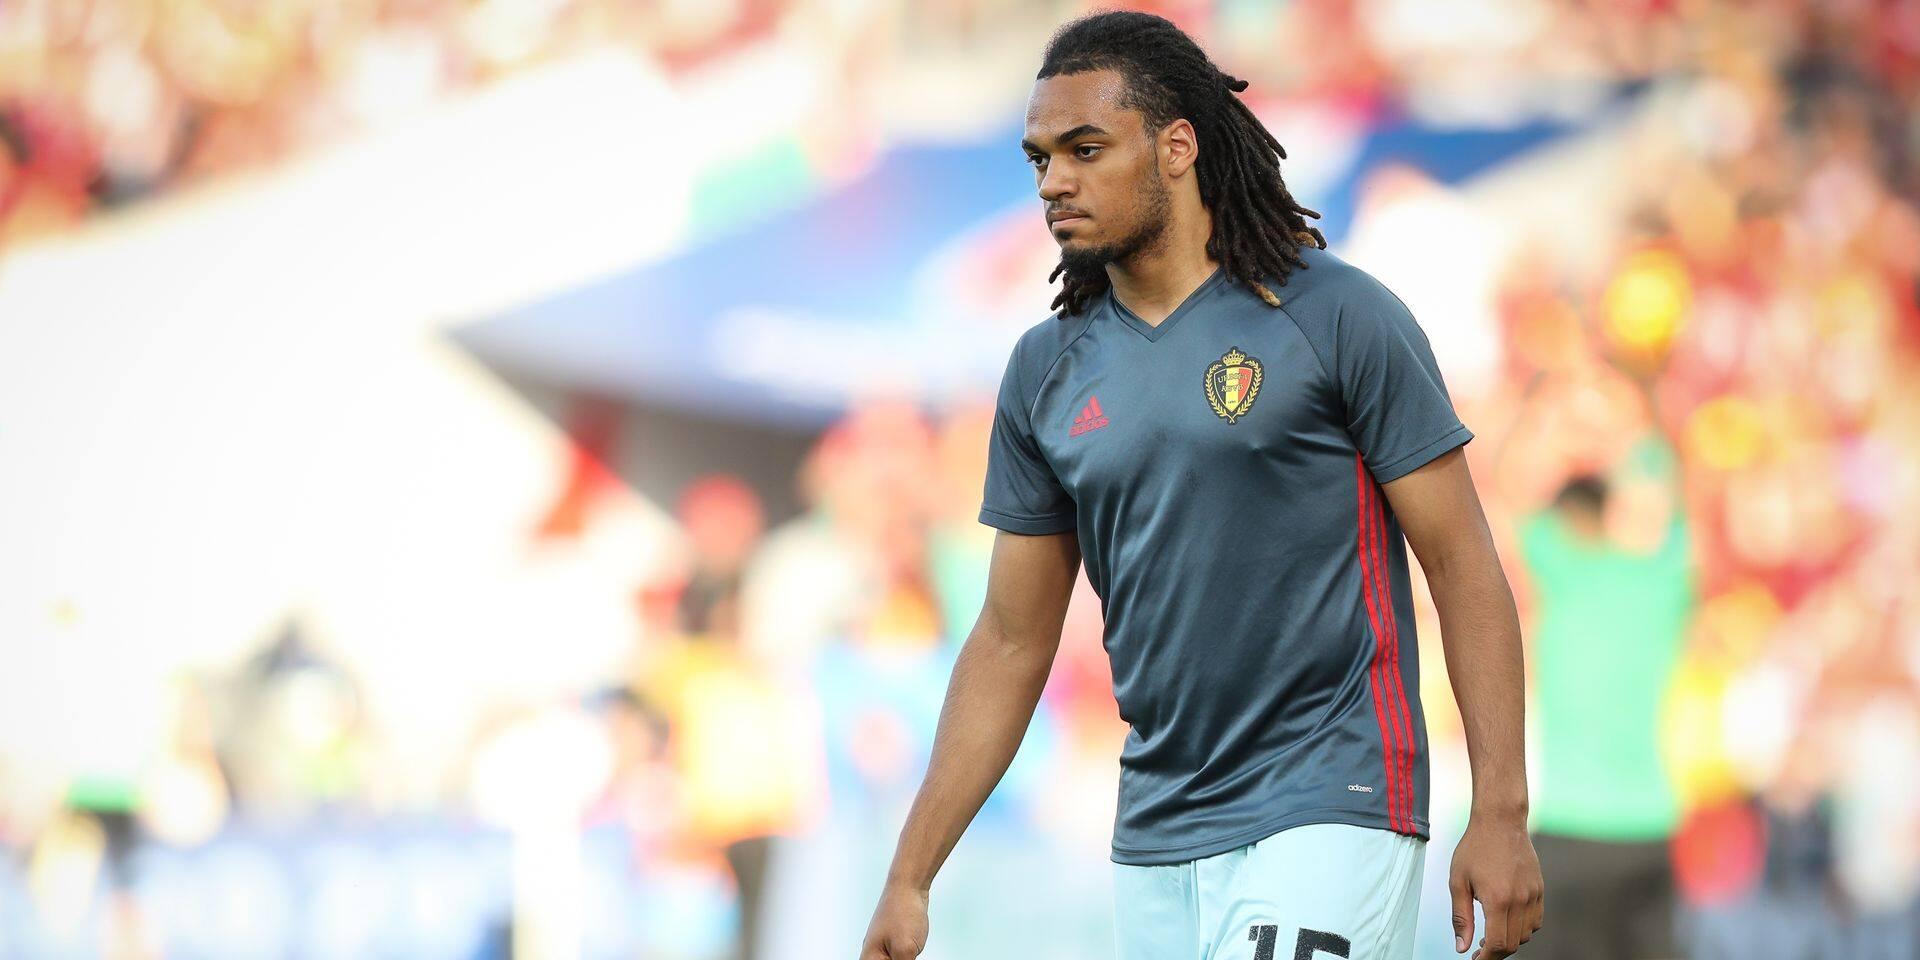 Les Belges à l'étranger: Jason Denayer s'incline avec Lyon à domicile face à Nice pour sa première titularisation